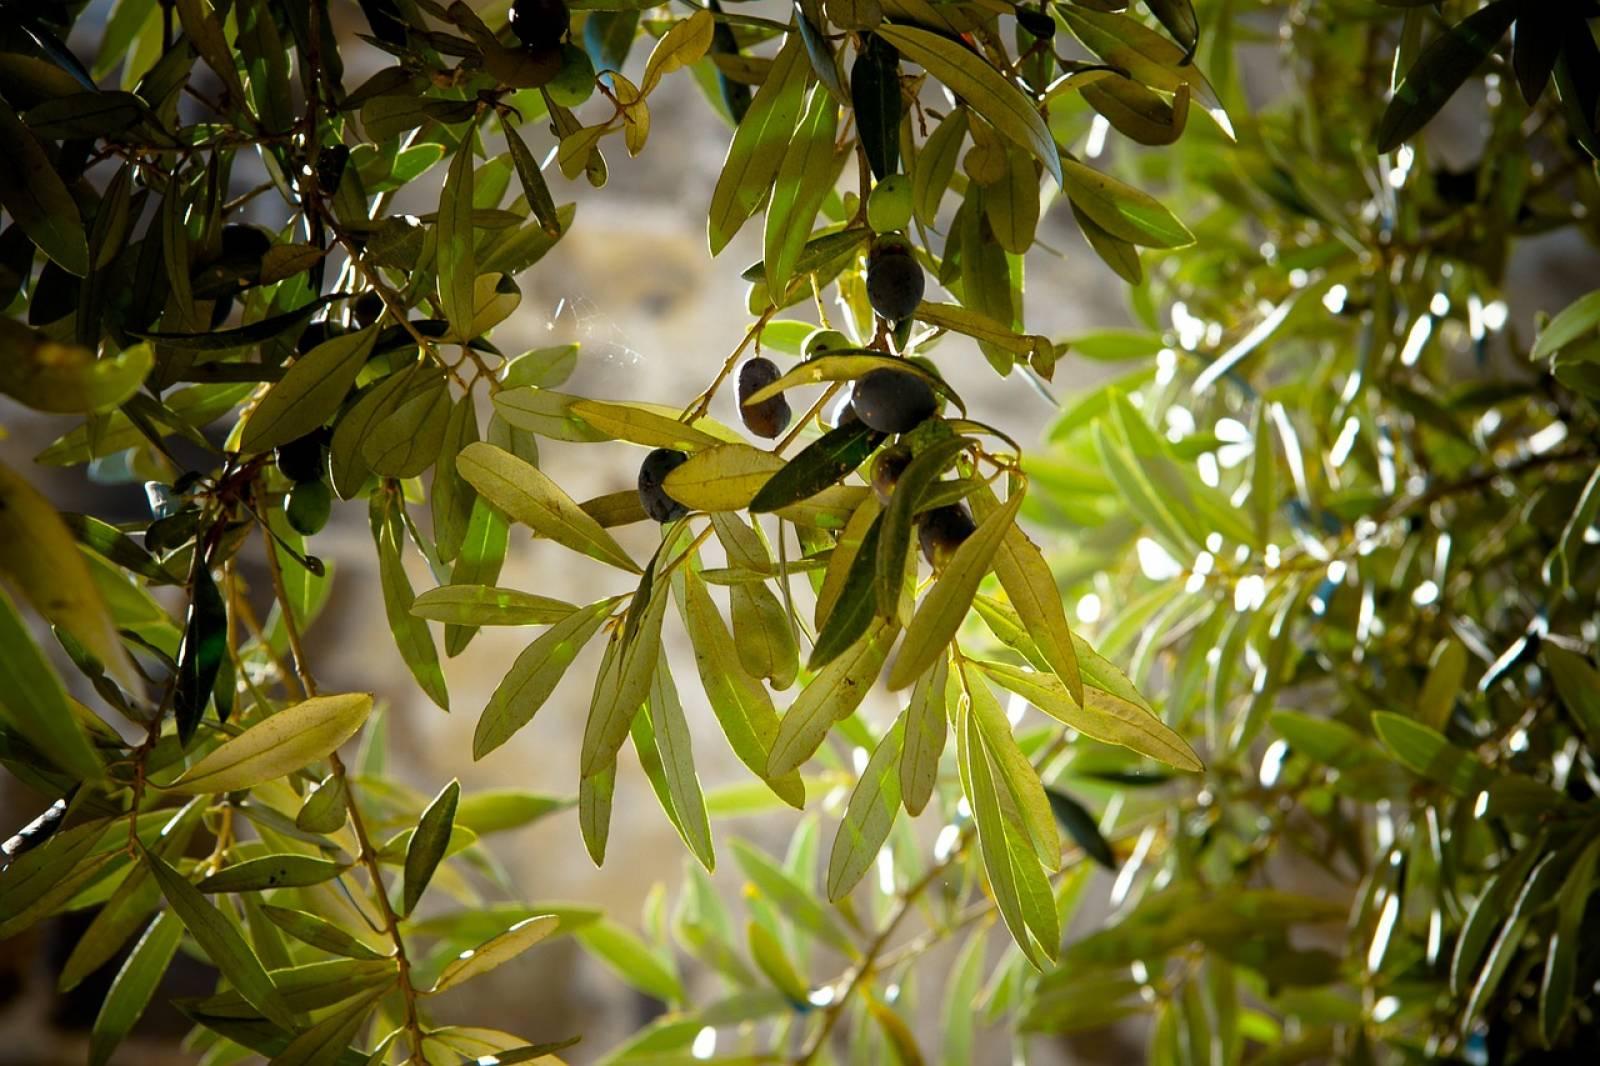 Jardinerie Pas Cher Toulouse l'olivier centenaire macrobonsai taillé en plateau : un